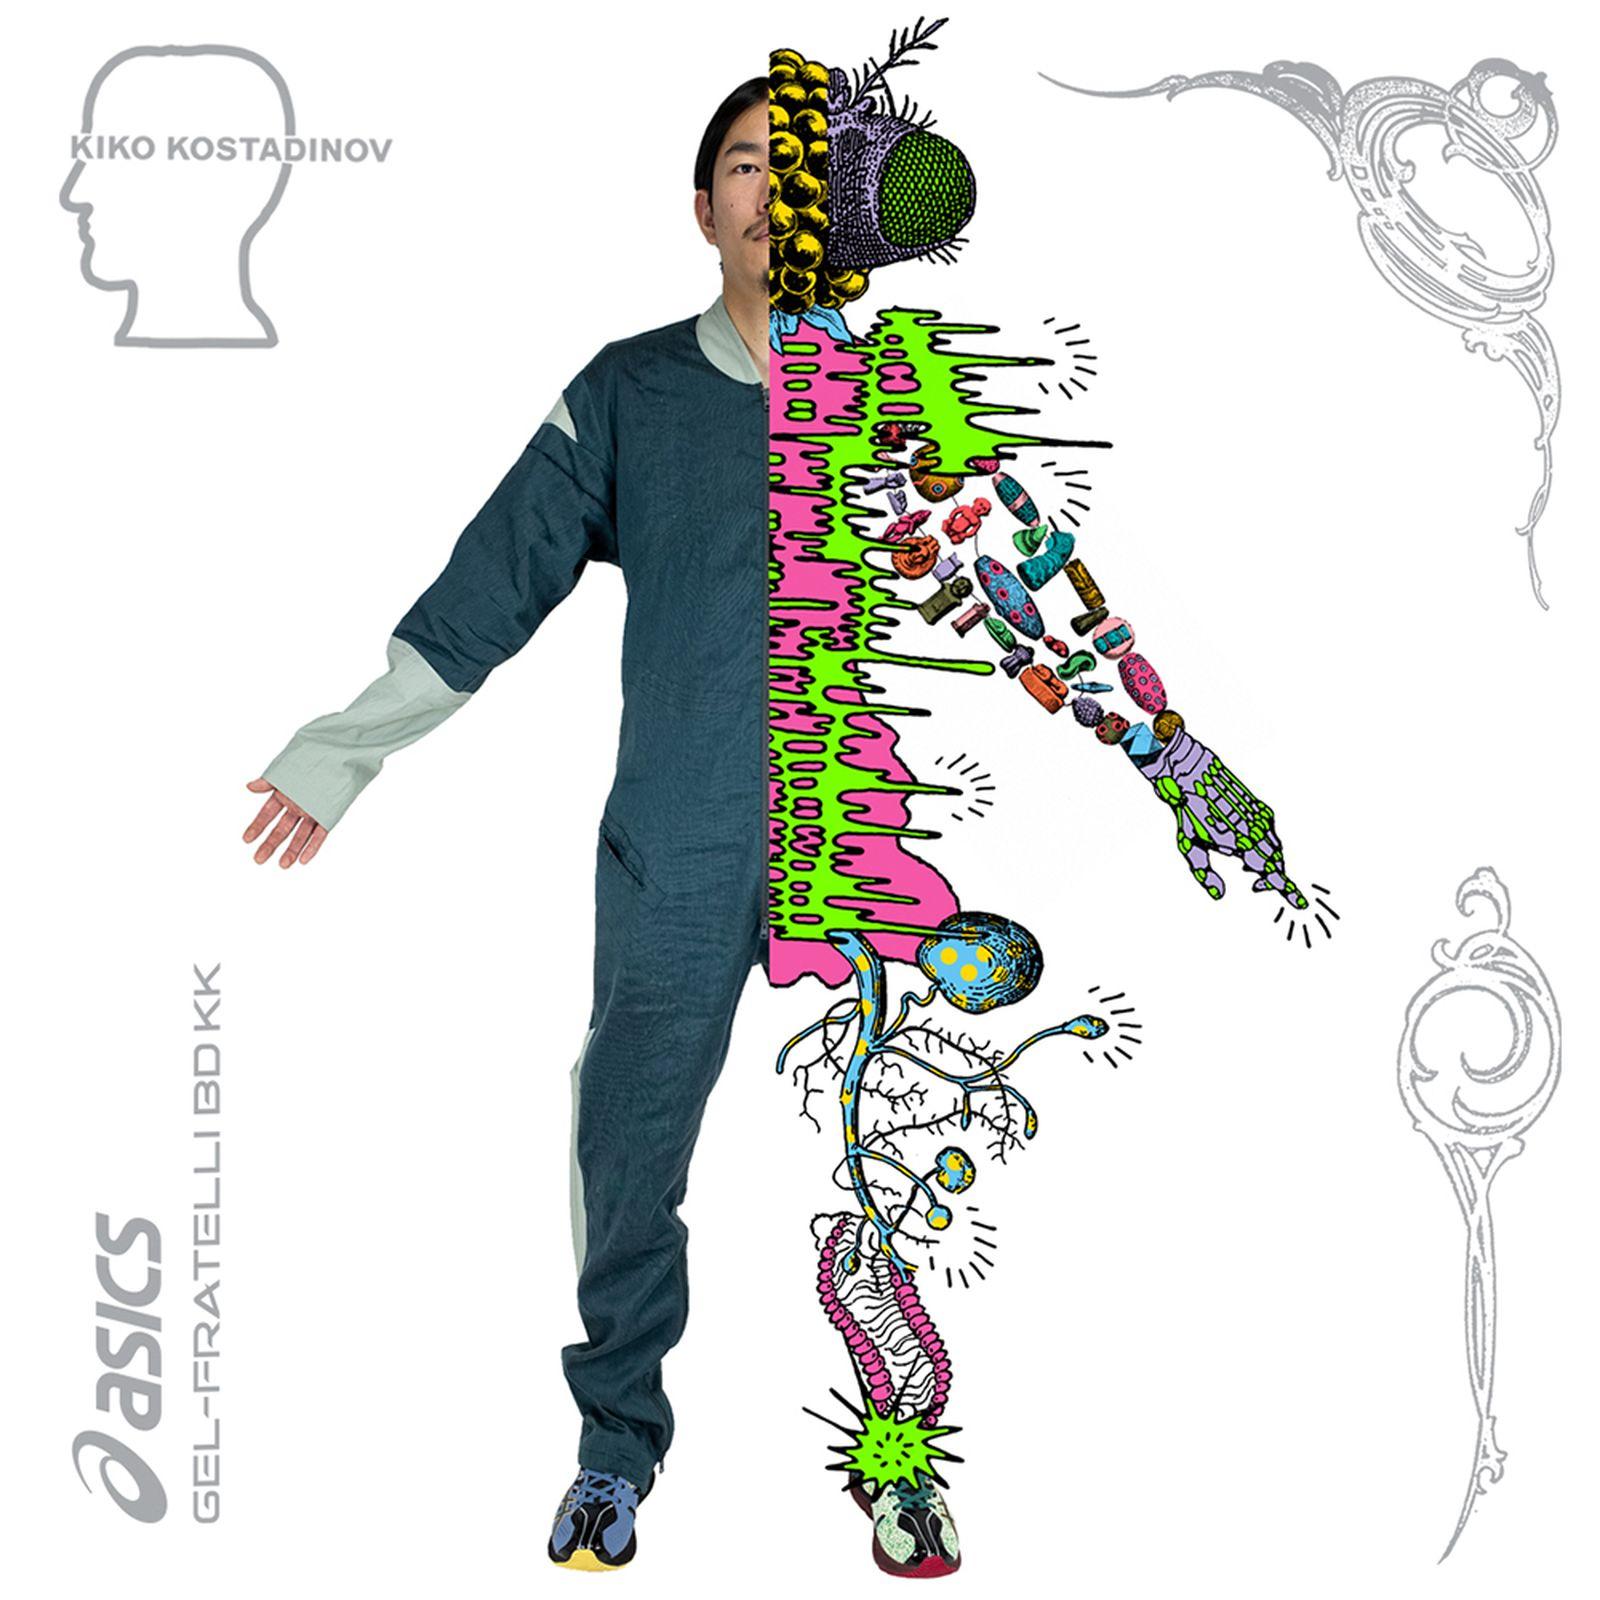 kiko-kostadinov-brain-dead-asics-gel-fratelli-release-date-price-01